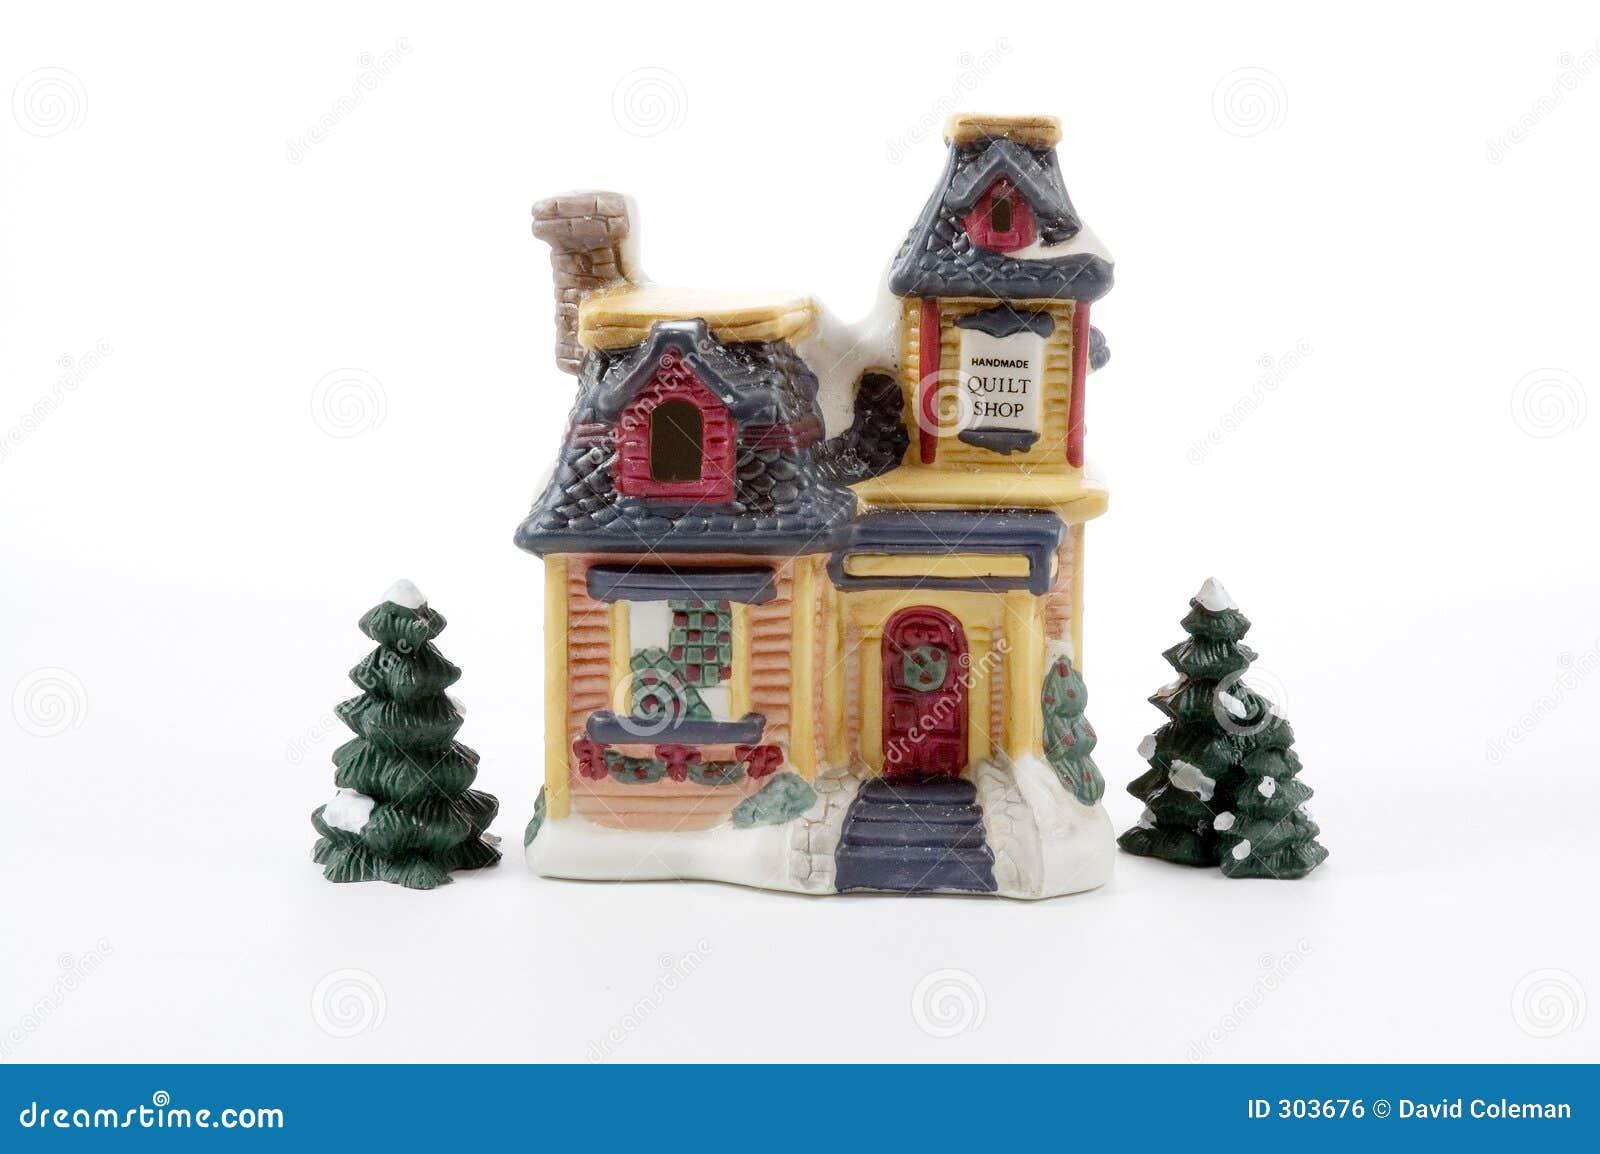 Quilt Shop Stock Photo Image Of Seasonal Shop Quilt 303676